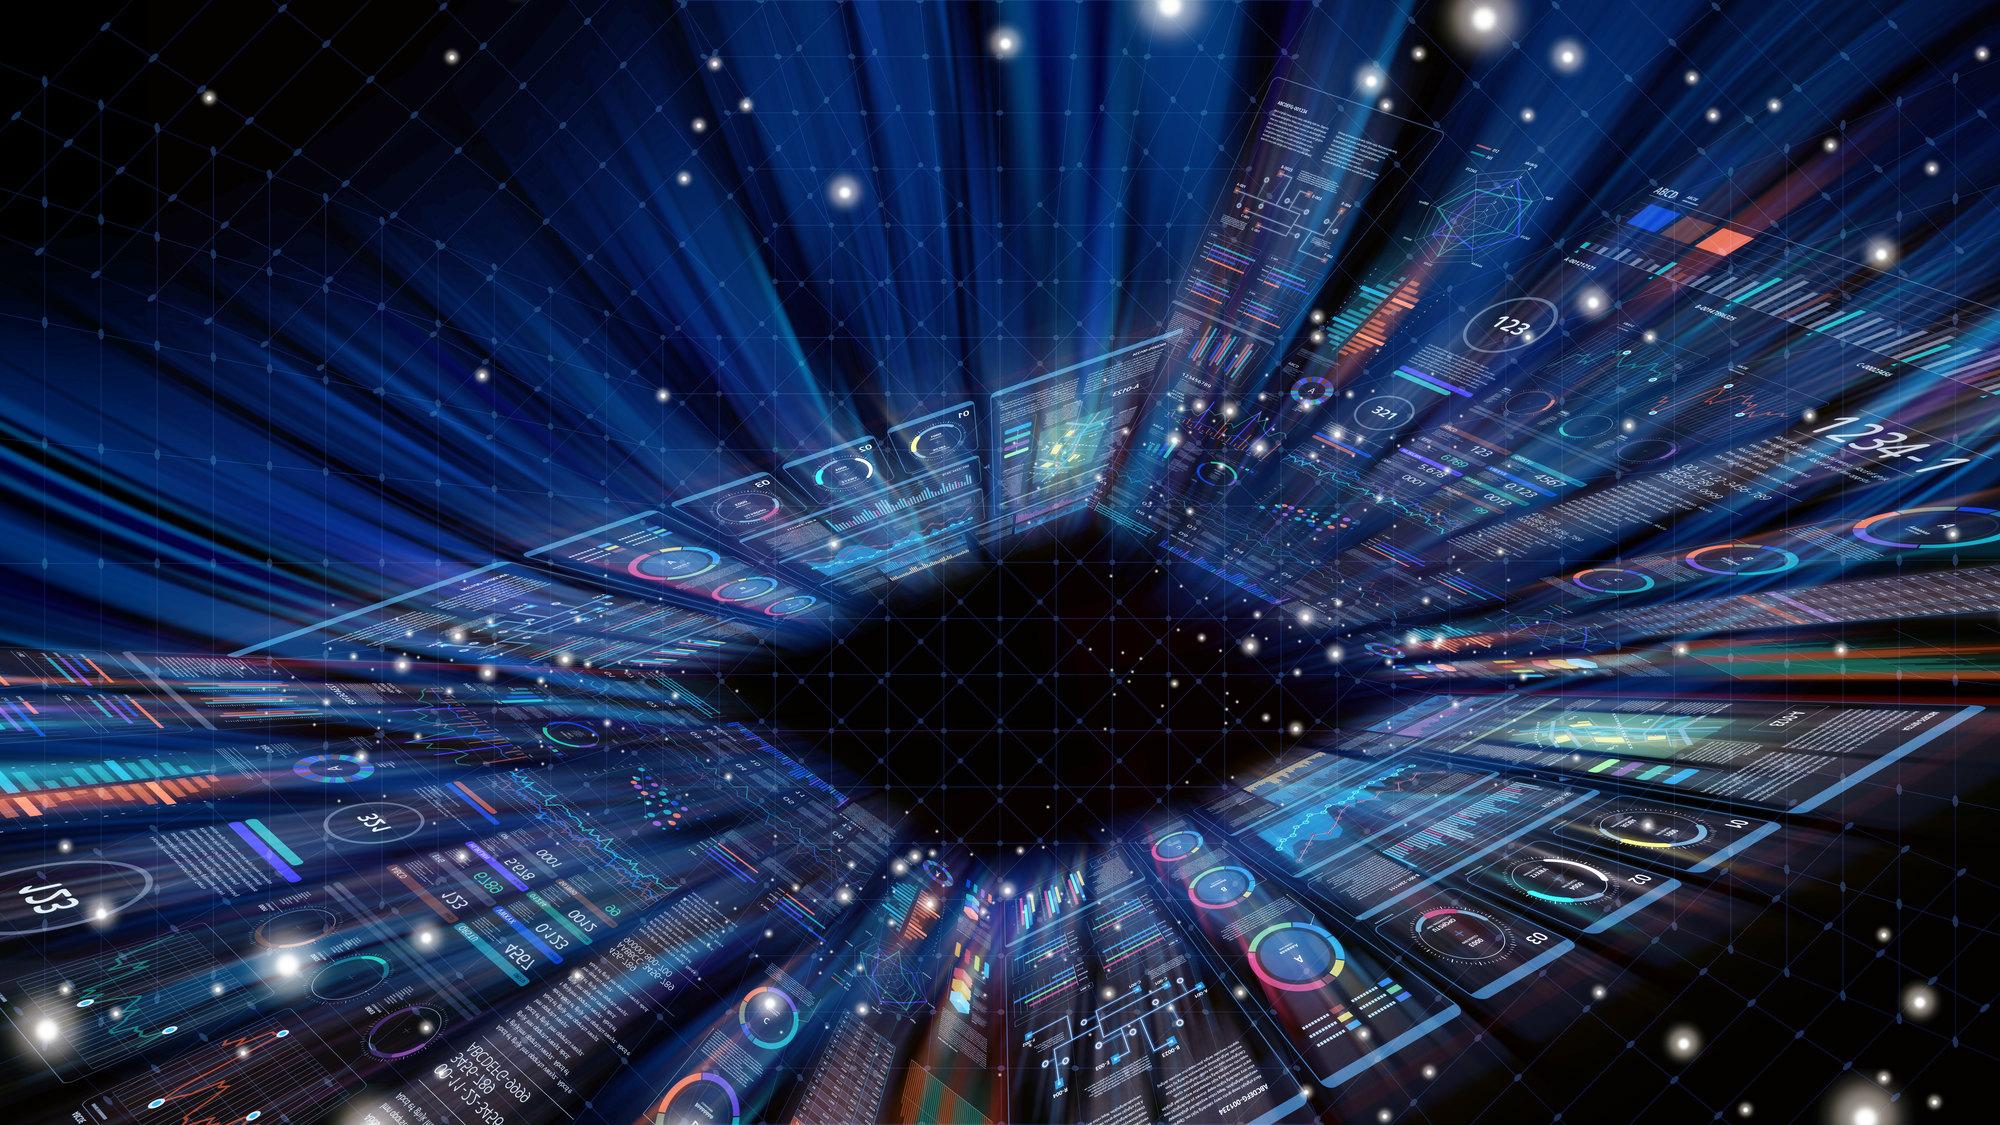 日本が遅れをとるITビジネス「第4の波」…主役となる技術は?